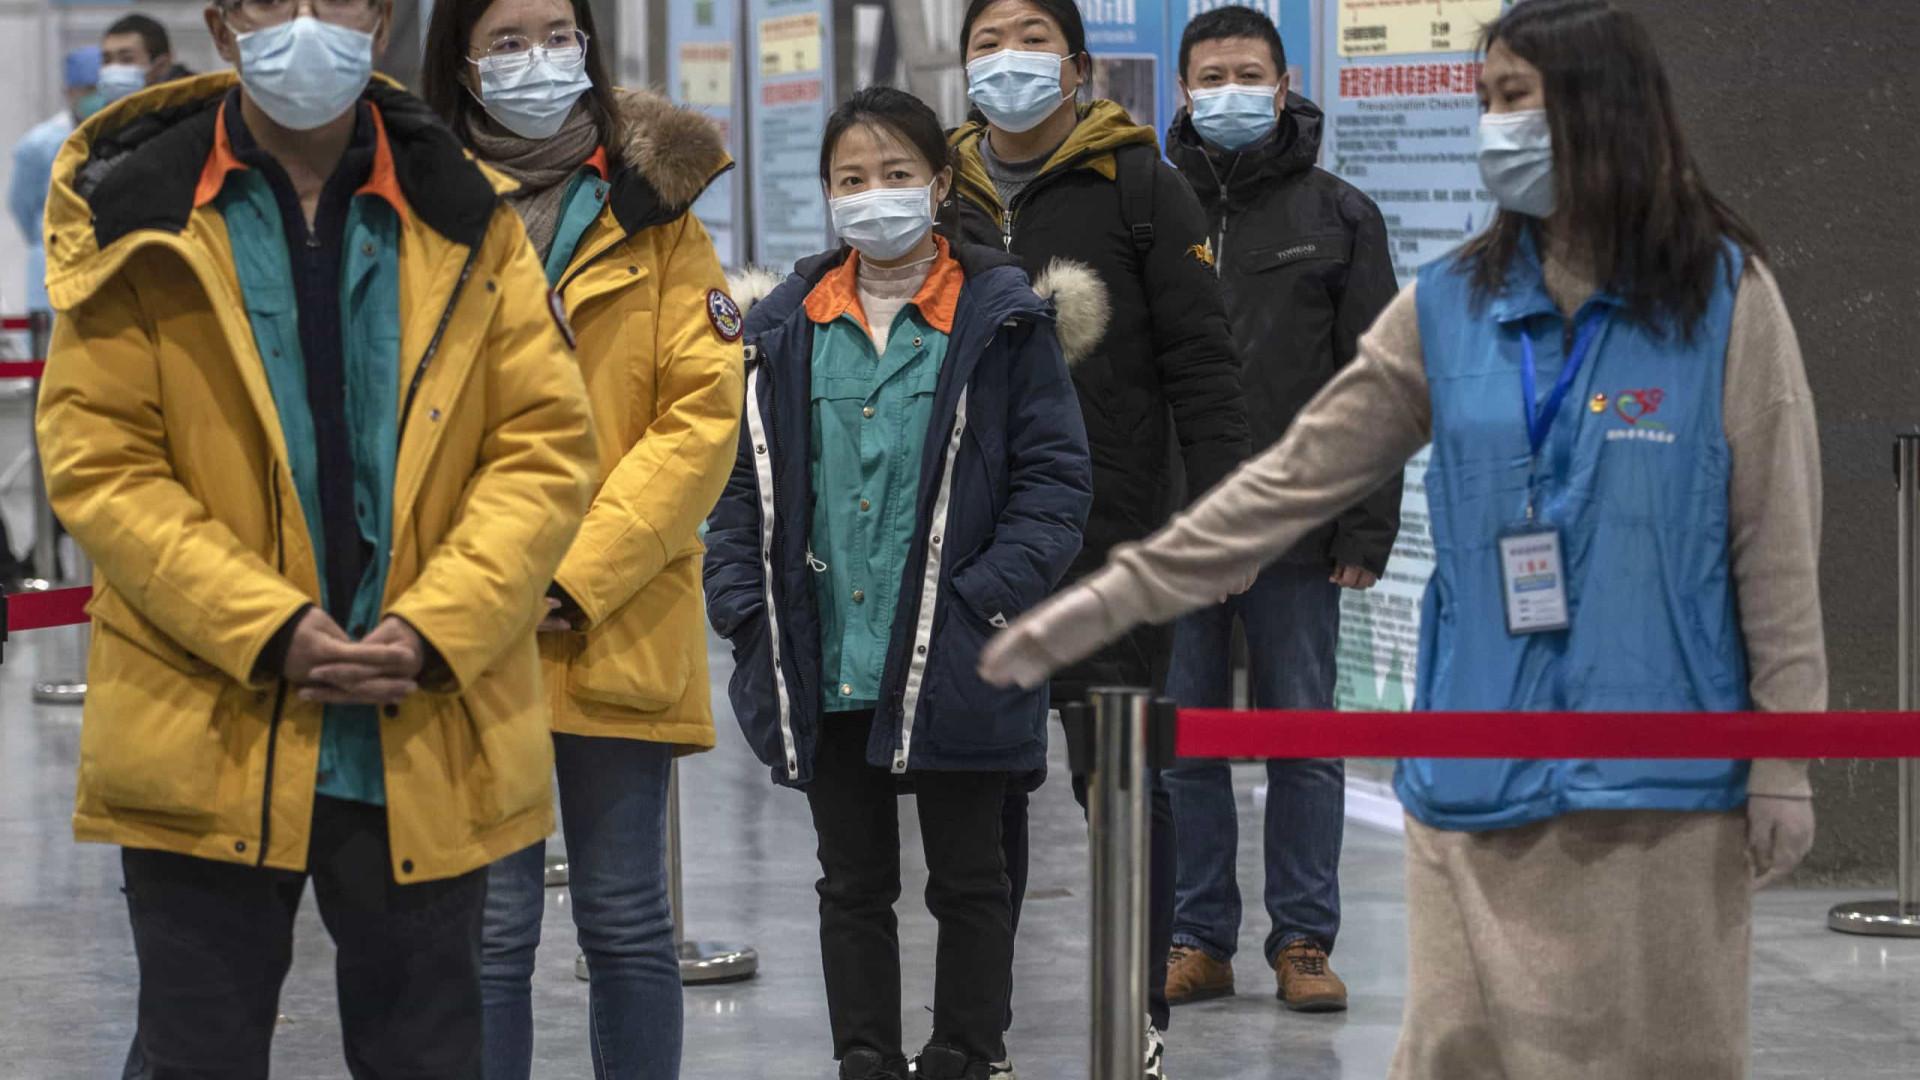 Pequim registra variante britânica do coronavírus e decreta lockdown parcial